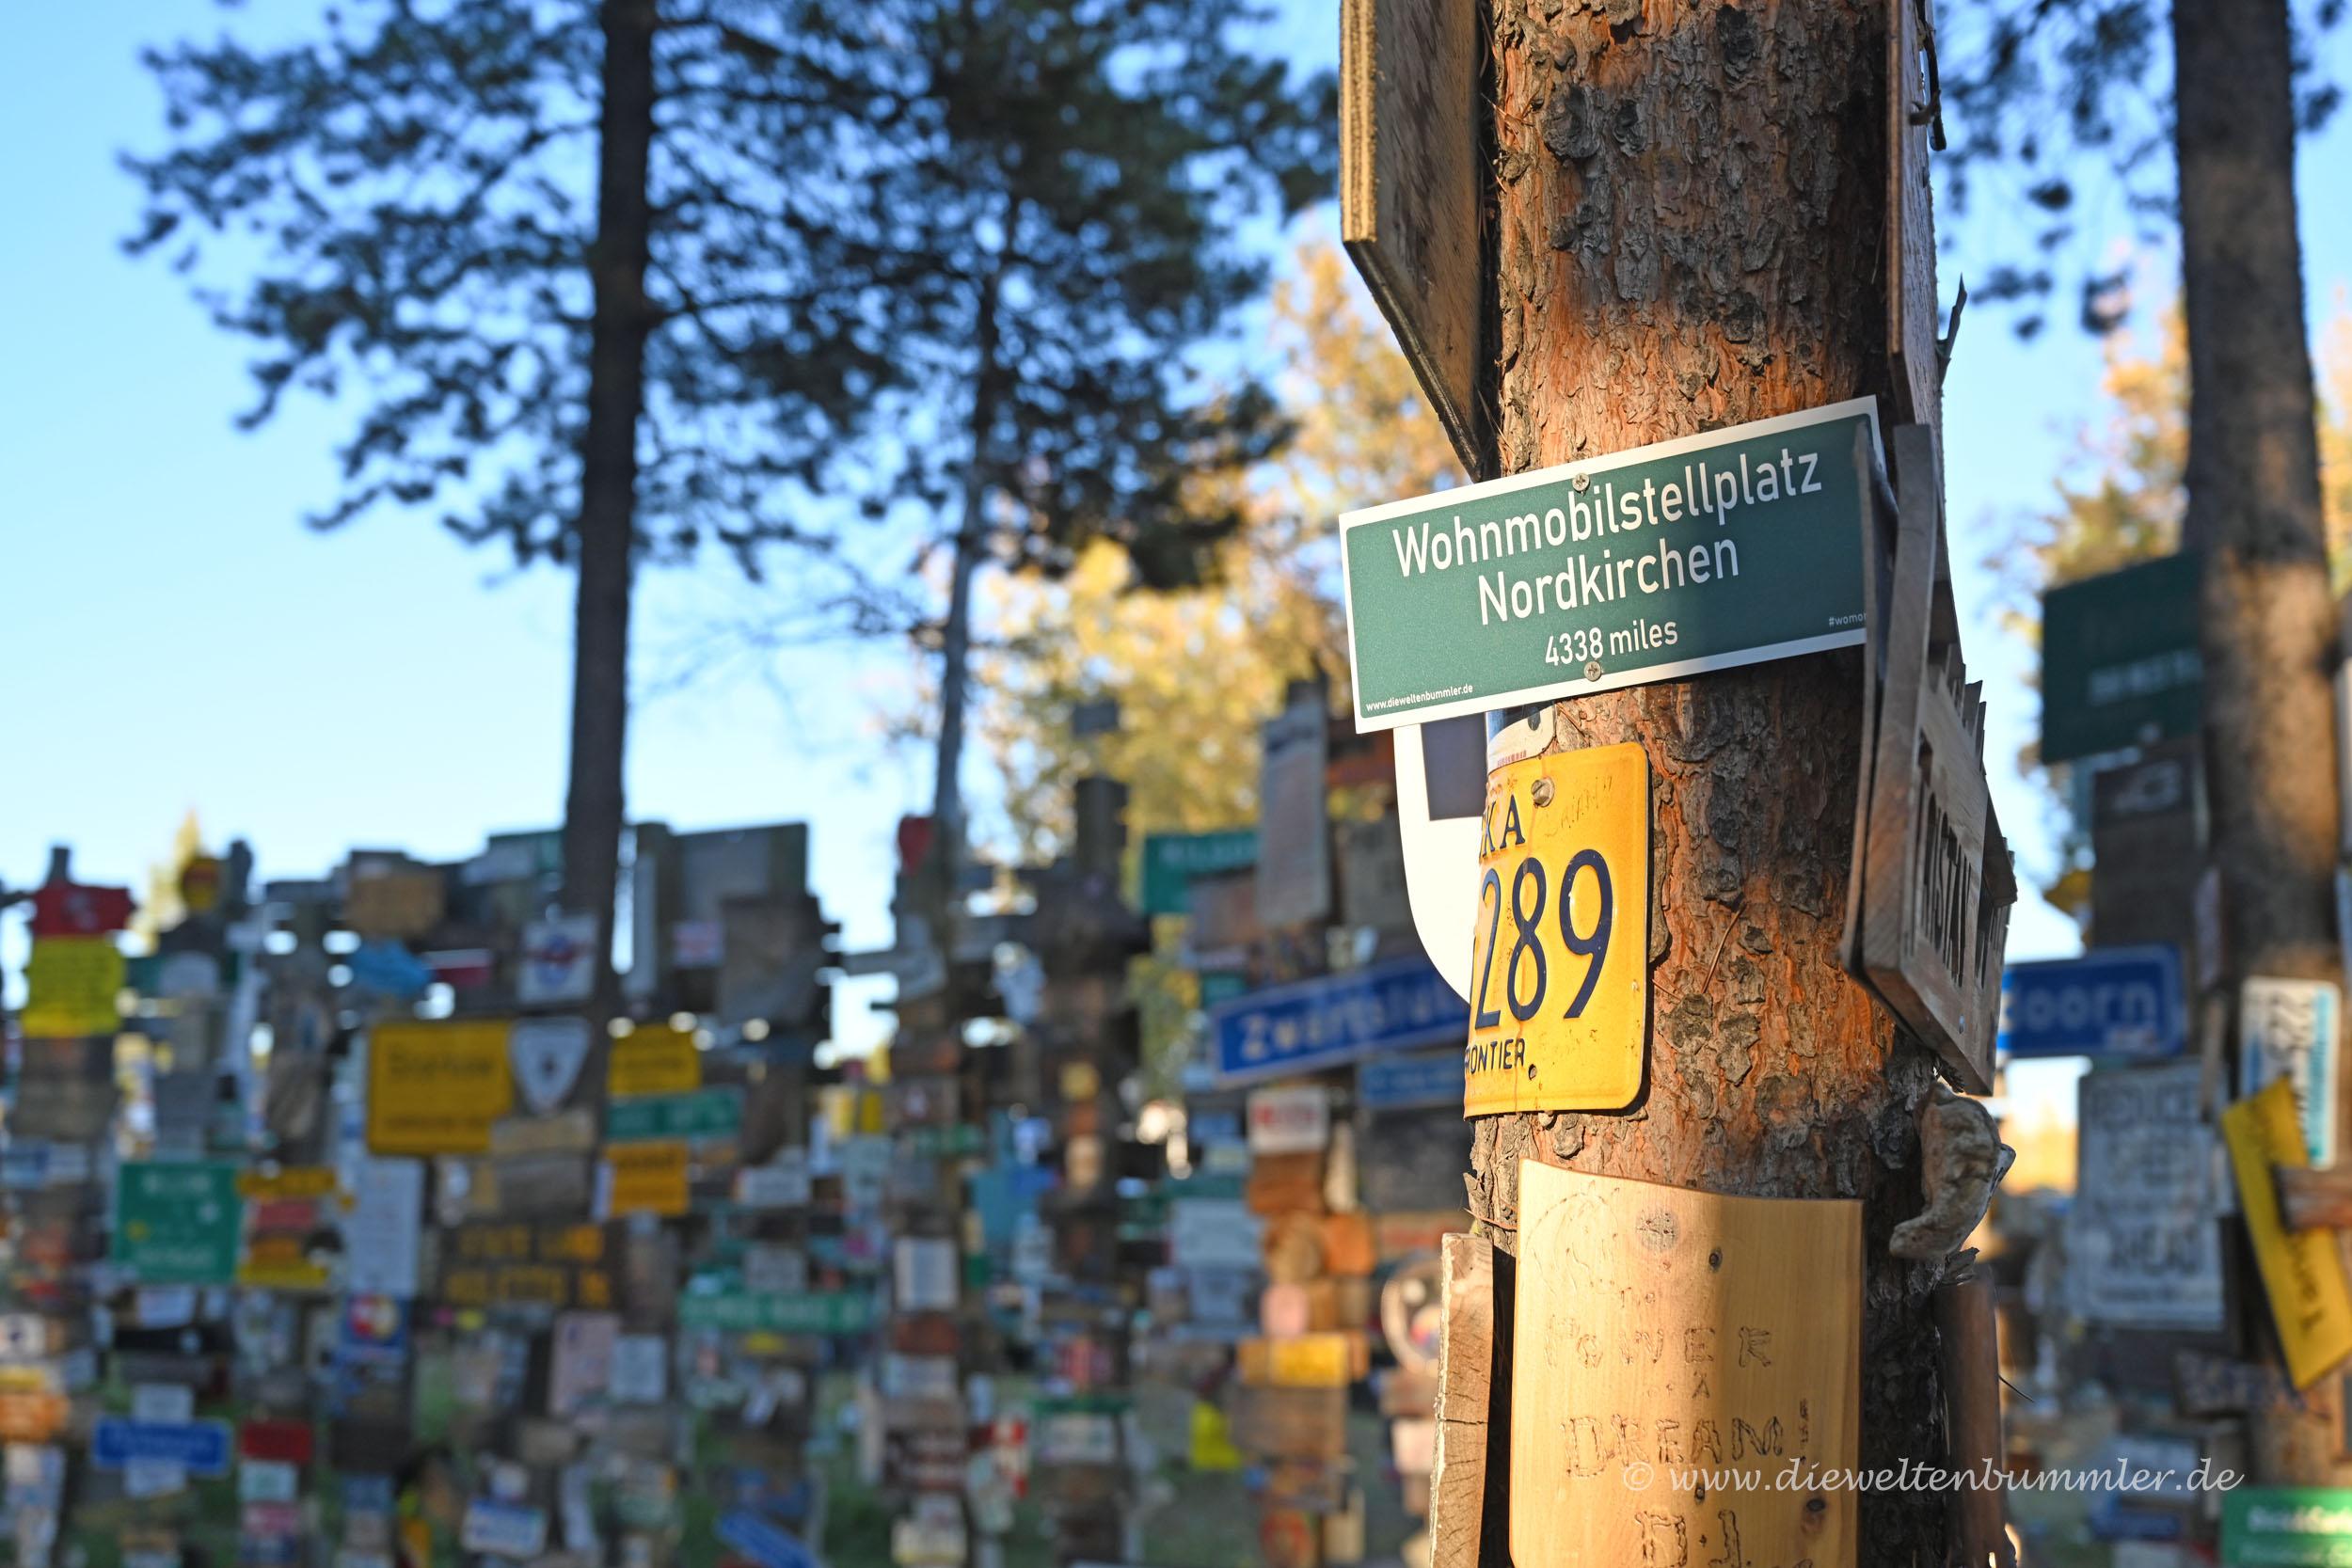 Hinweis zu unserem Wohnmobilstellplatz Nordkirchen